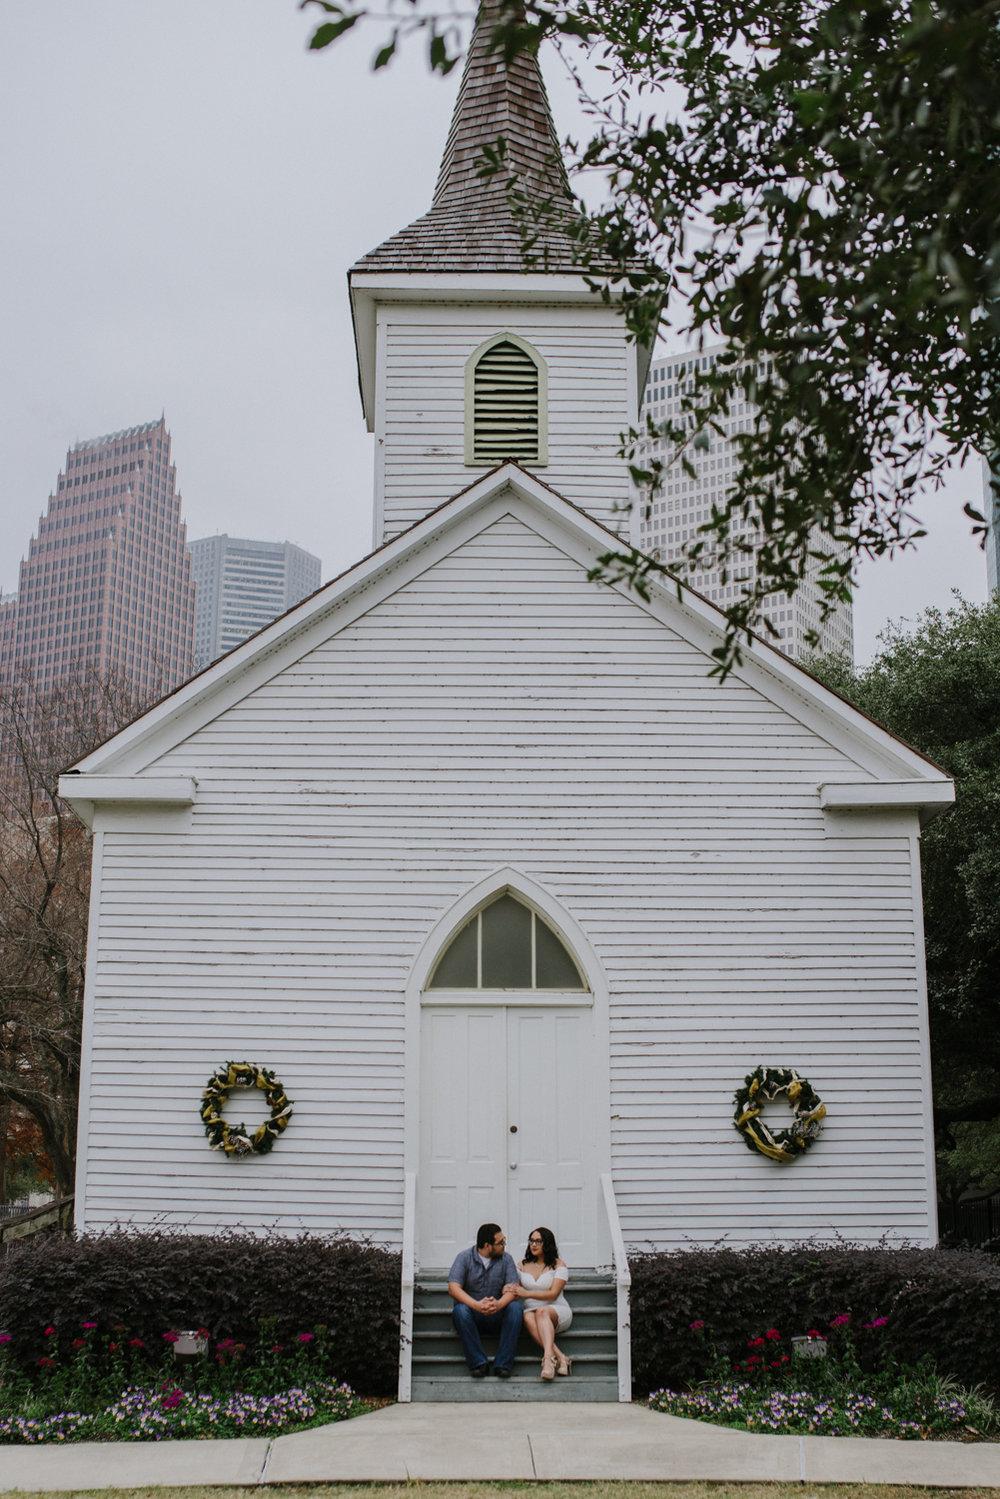 houstonweddings-houstonengagement-texasweddings-elopements-weddingphotography-lostcastrophotography-9.jpg